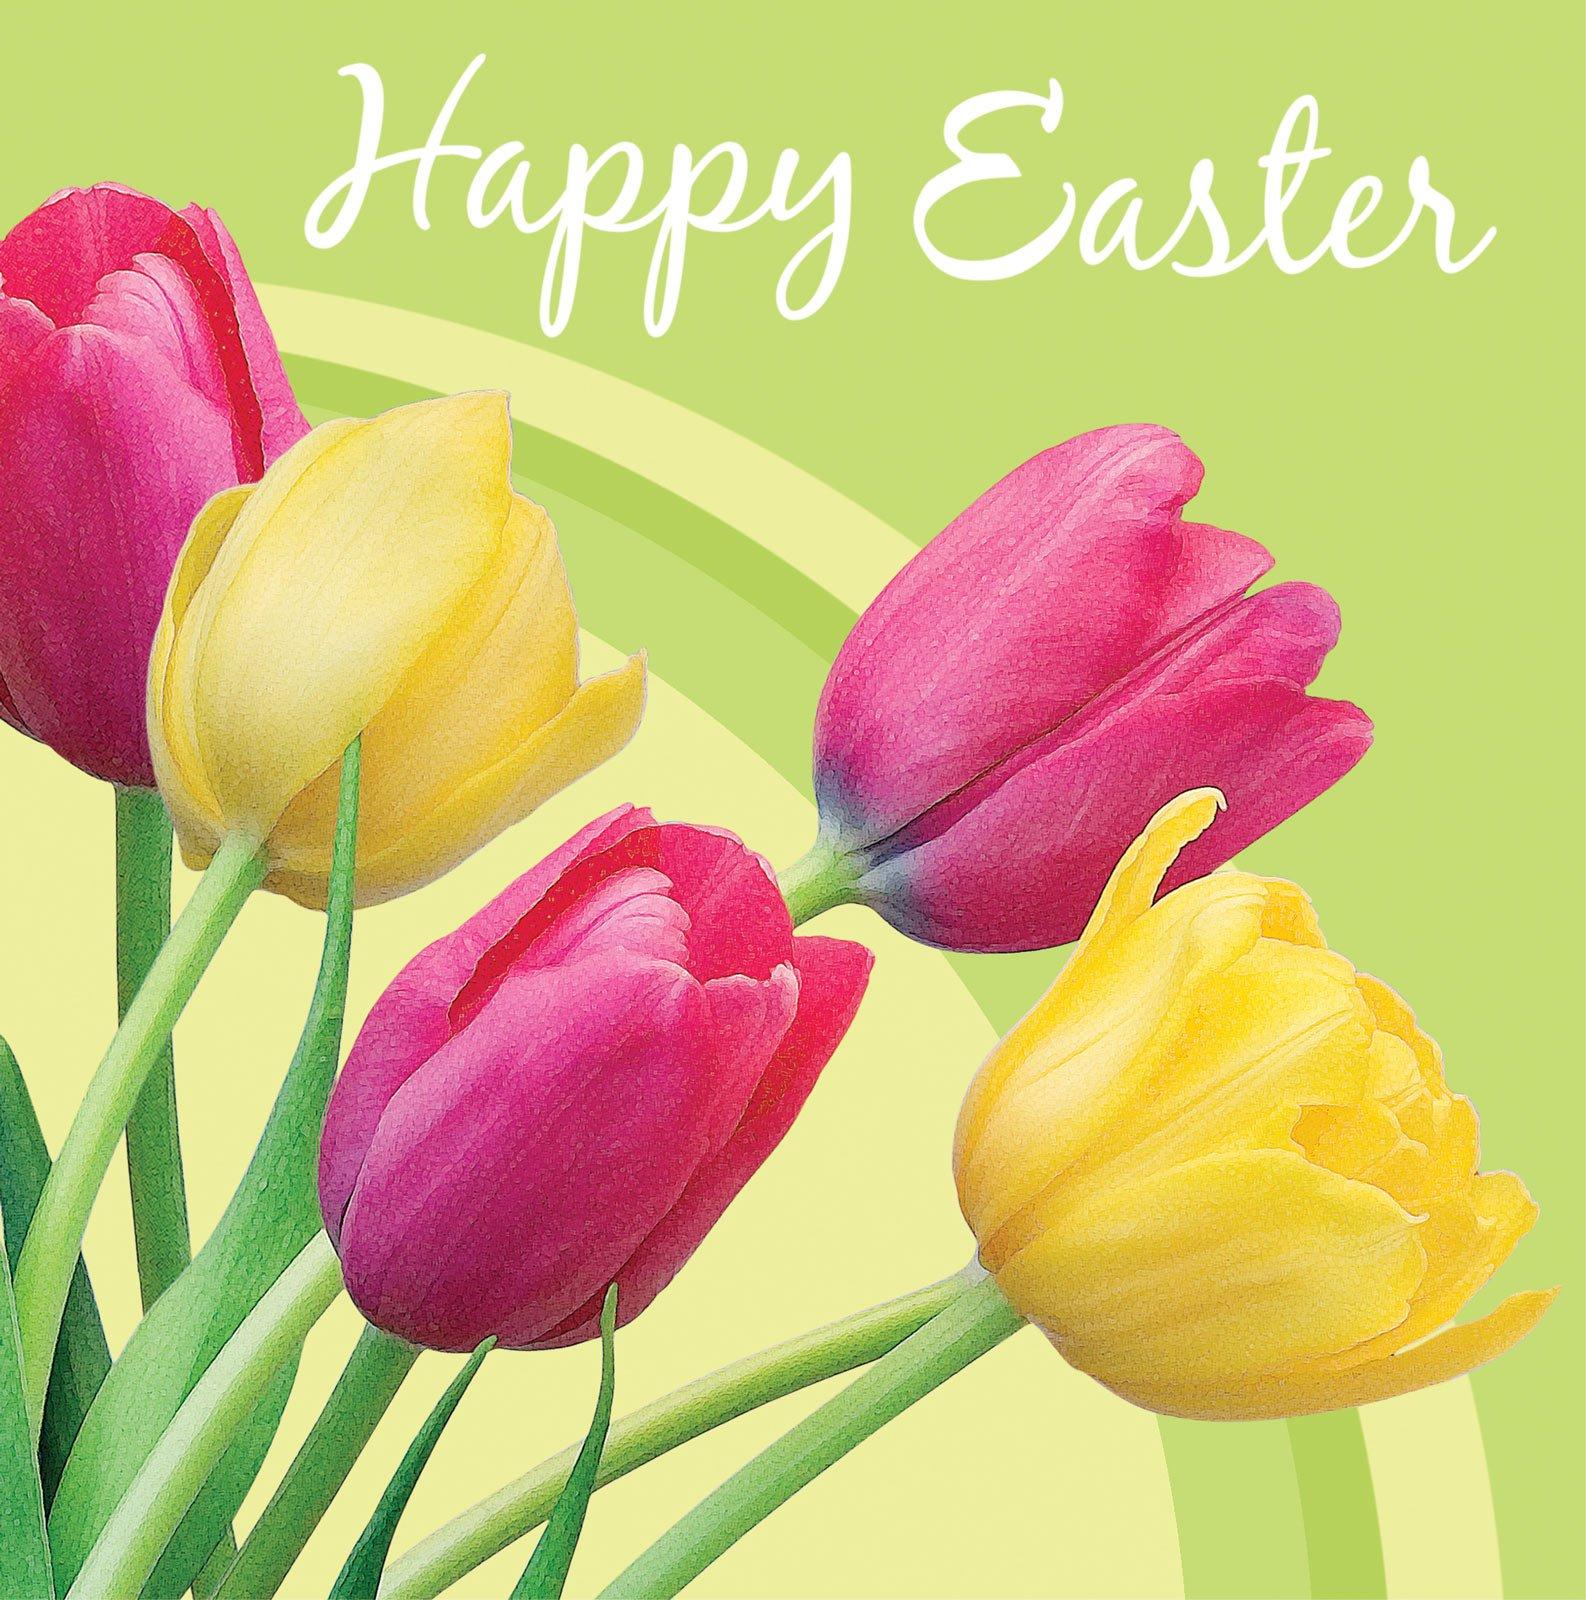 Happy Easter Desktop Backgrounds 1586x1600